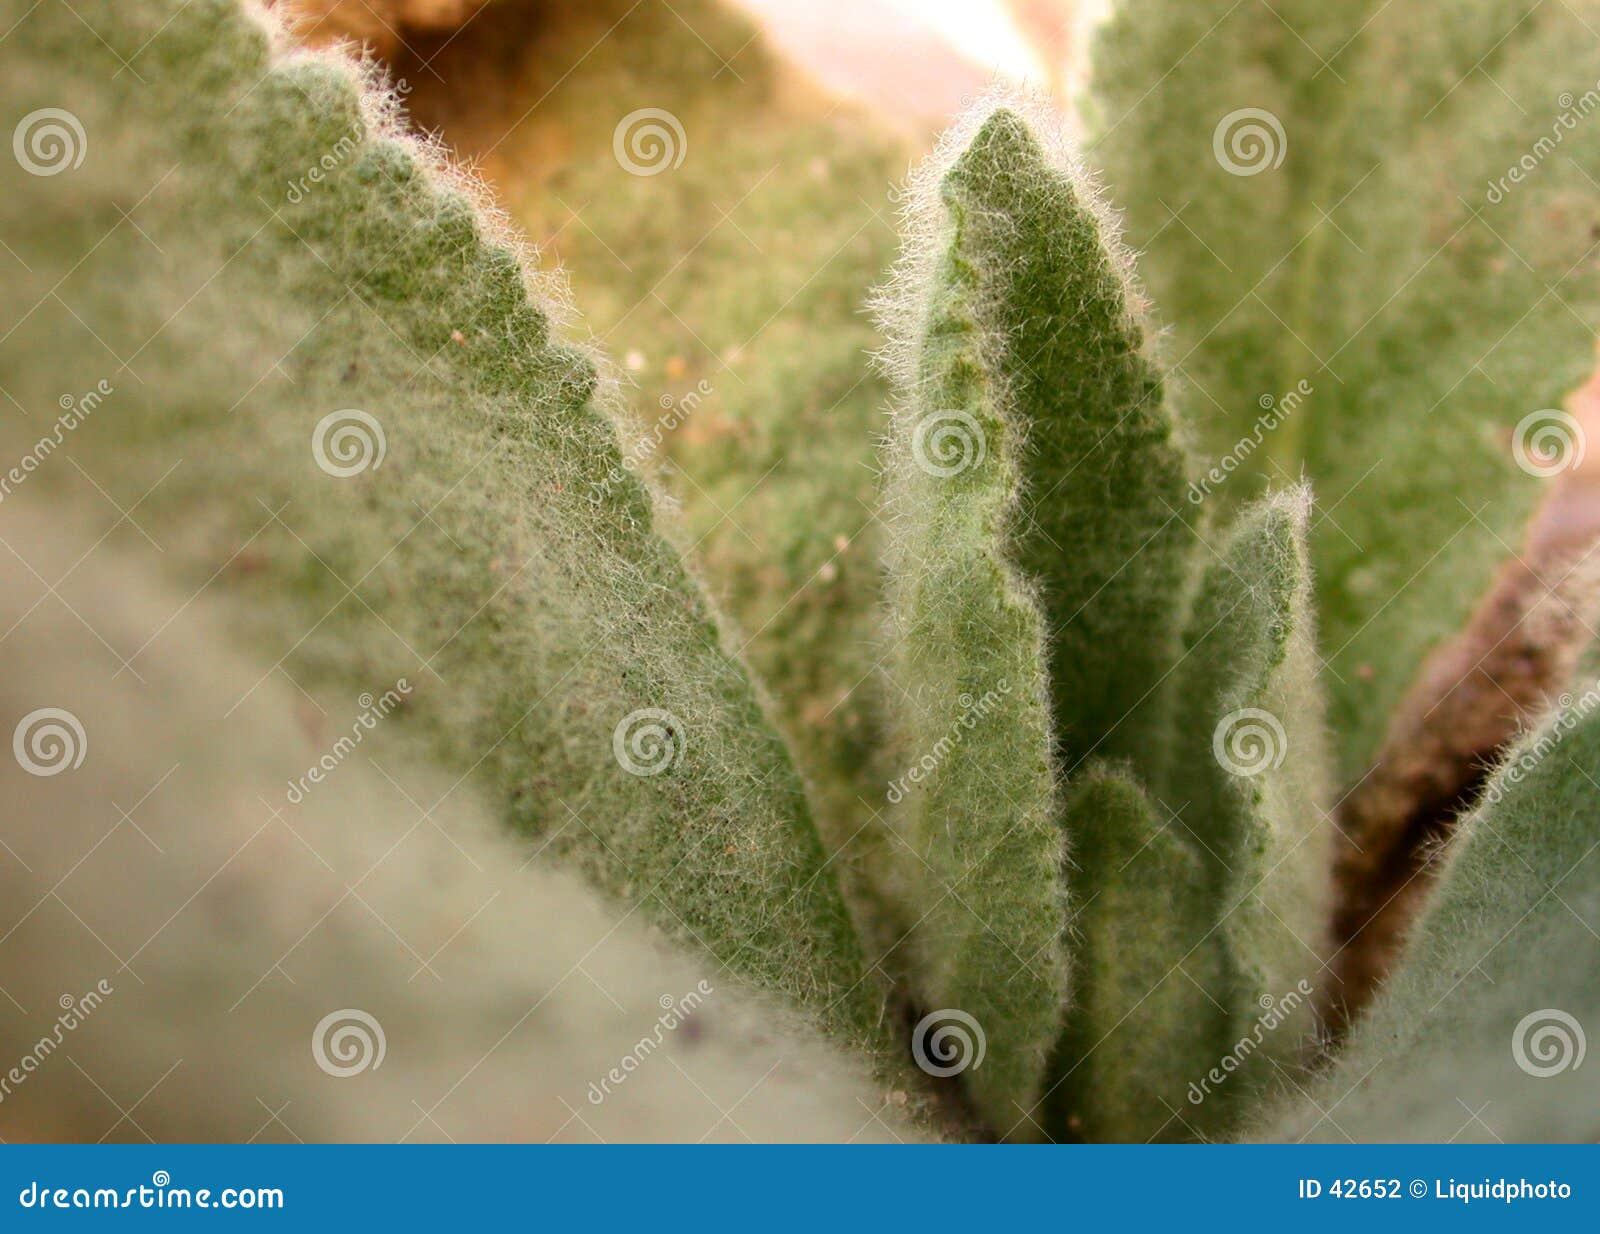 Owłosiona zamazana liść roślinnych